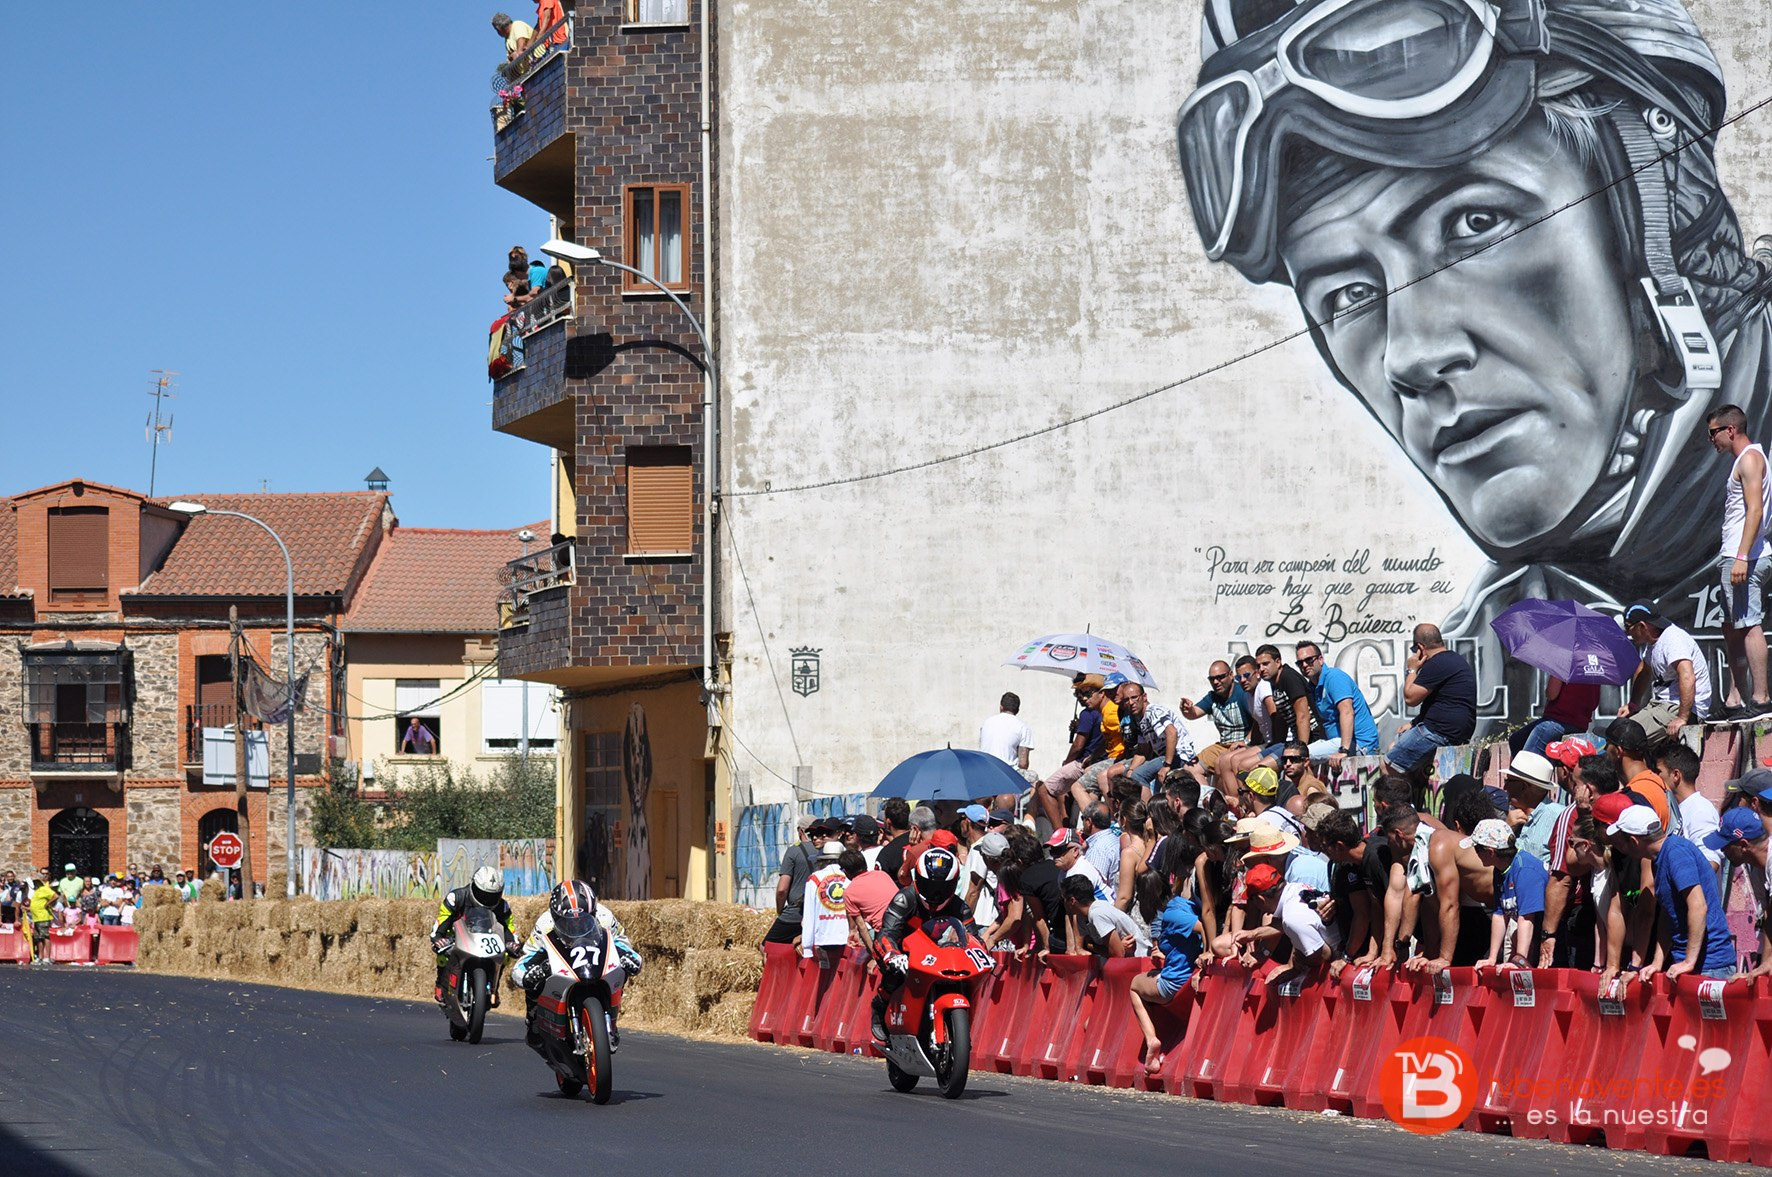 Circuito Urbano La Bañeza : Imágenes de la carrera motos ciudad bañeza